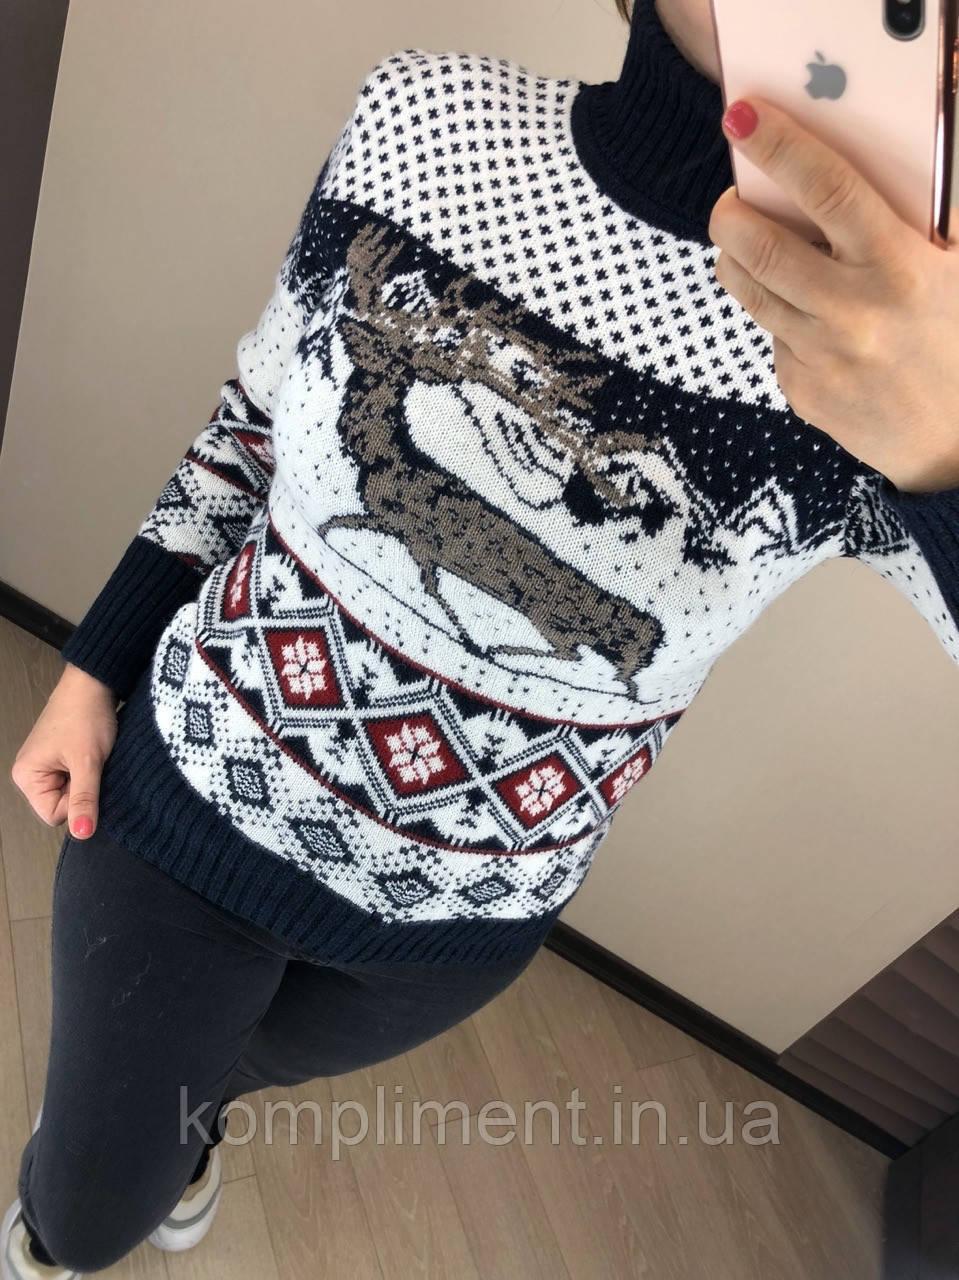 Шерстяной турецкий вязаный свитер с рисунком, темно-синий